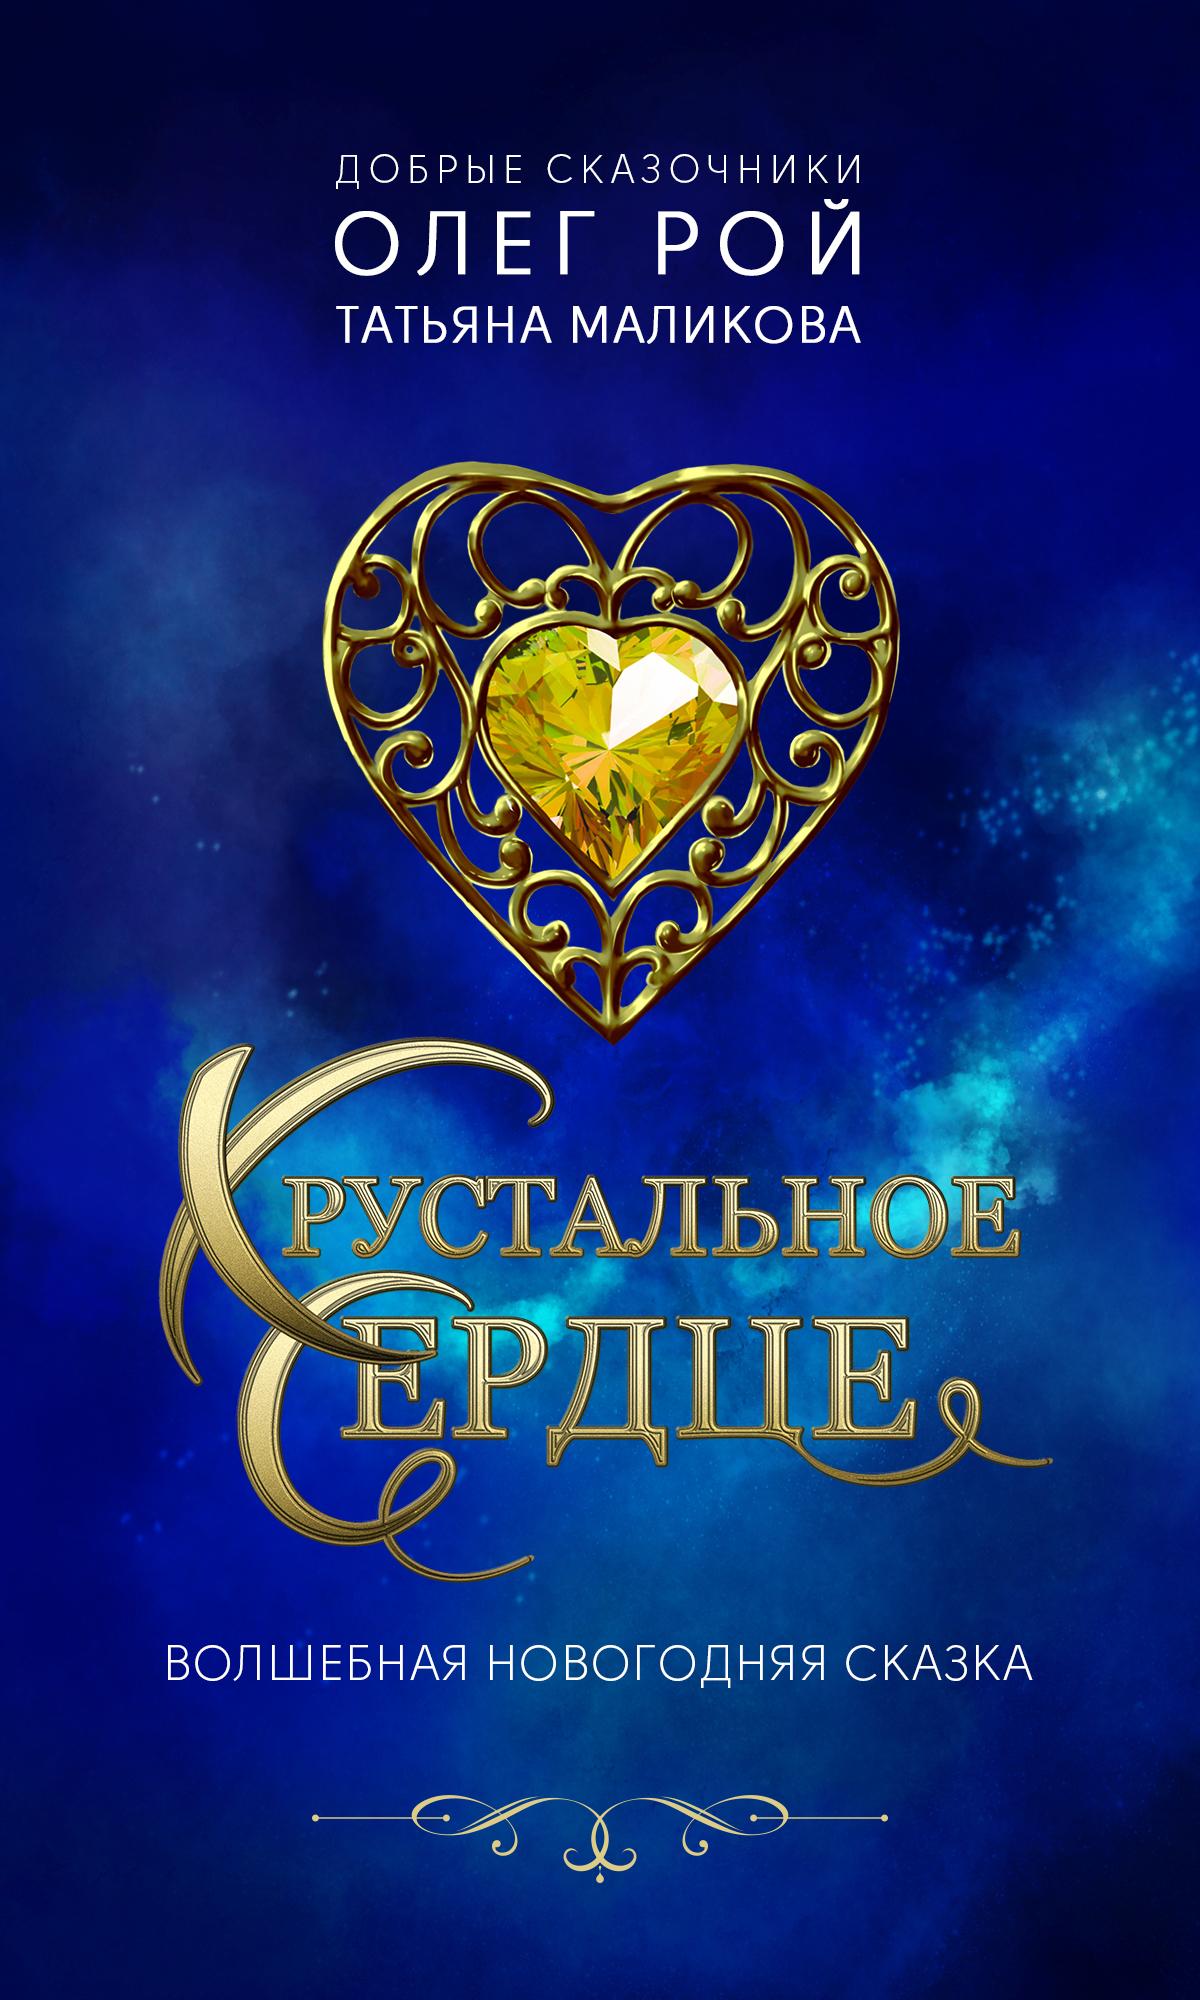 Хрустальное сердце